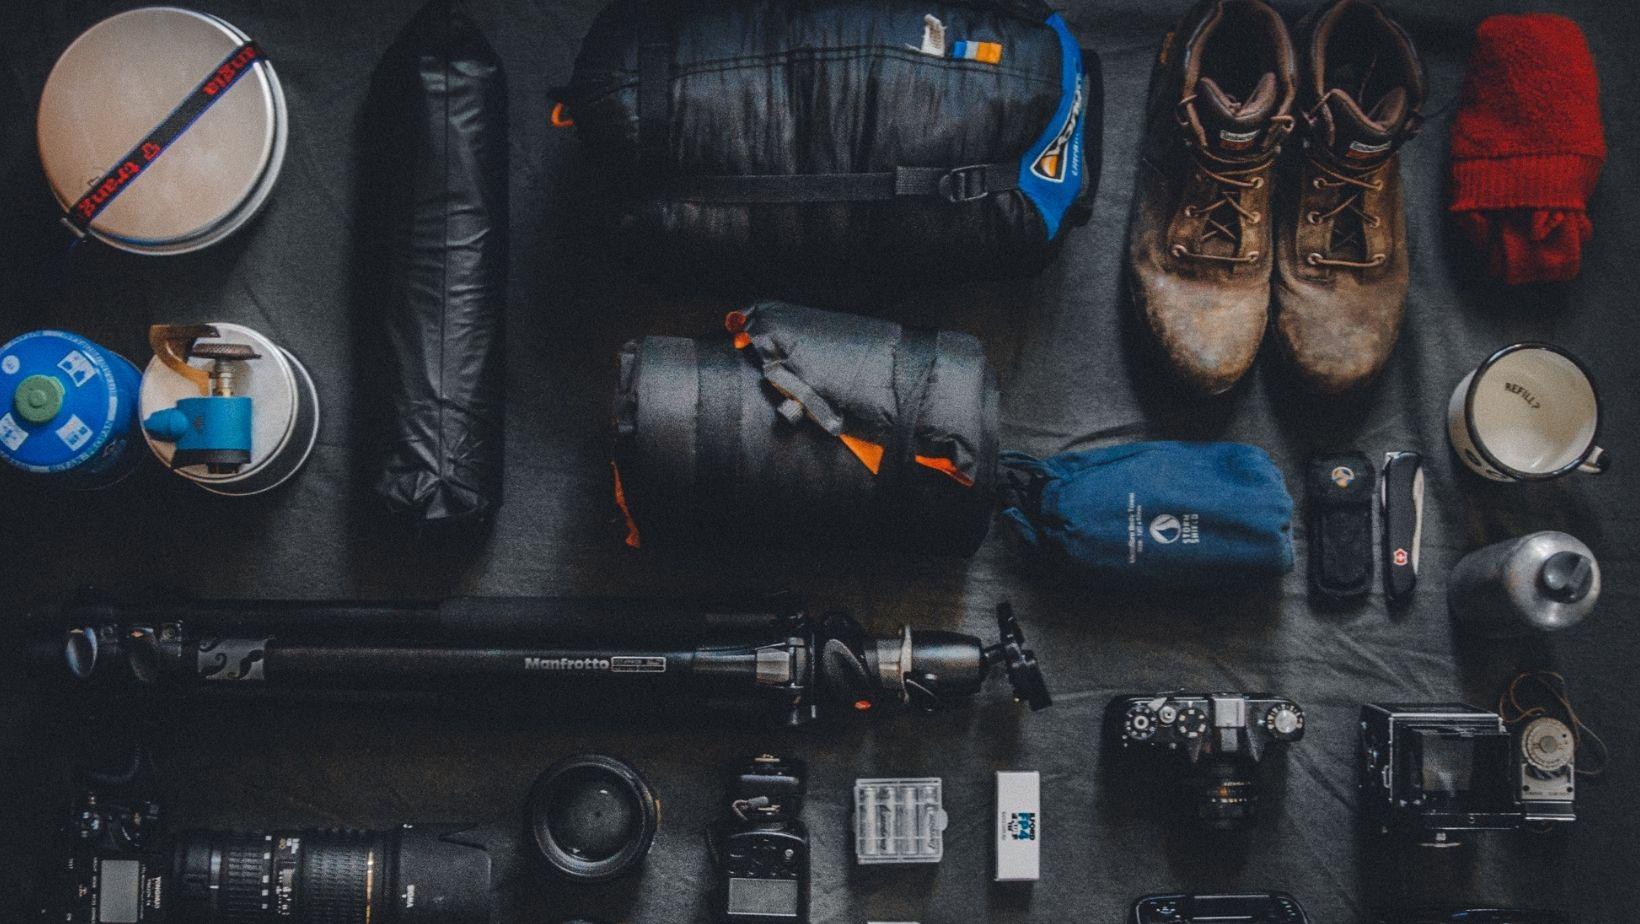 Fotoausrüstung, zum Wandern